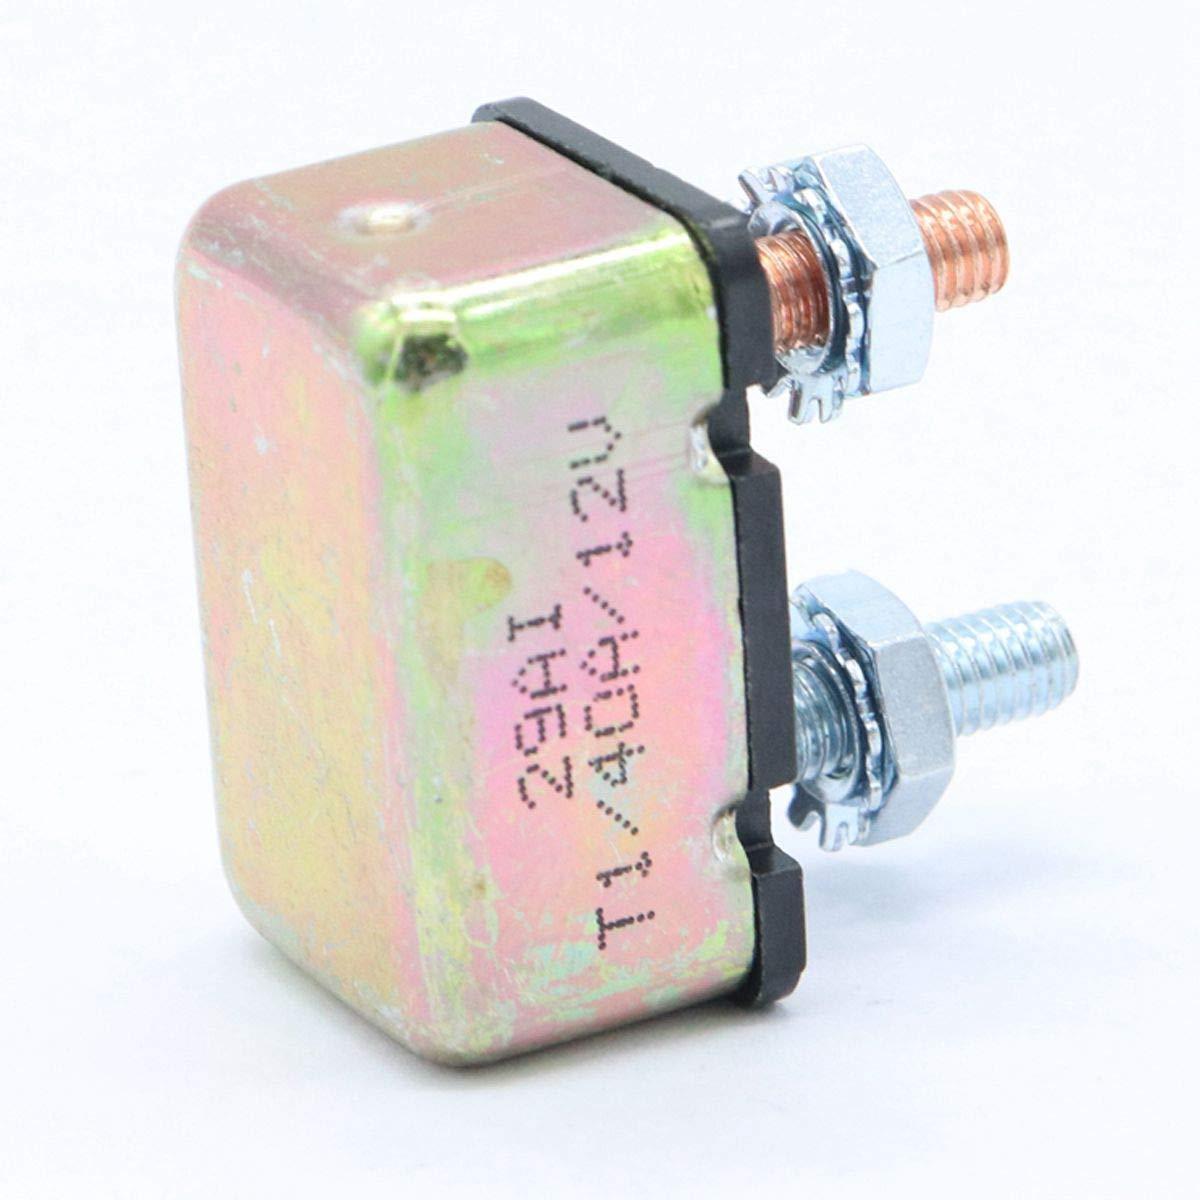 XZANTE Autom/óvil Marino 12 24V Interruptor Disyuntor de Circuito General Disyuntor de Circuito de Sobrecarga de Reinicio Autom/ático 40AMP